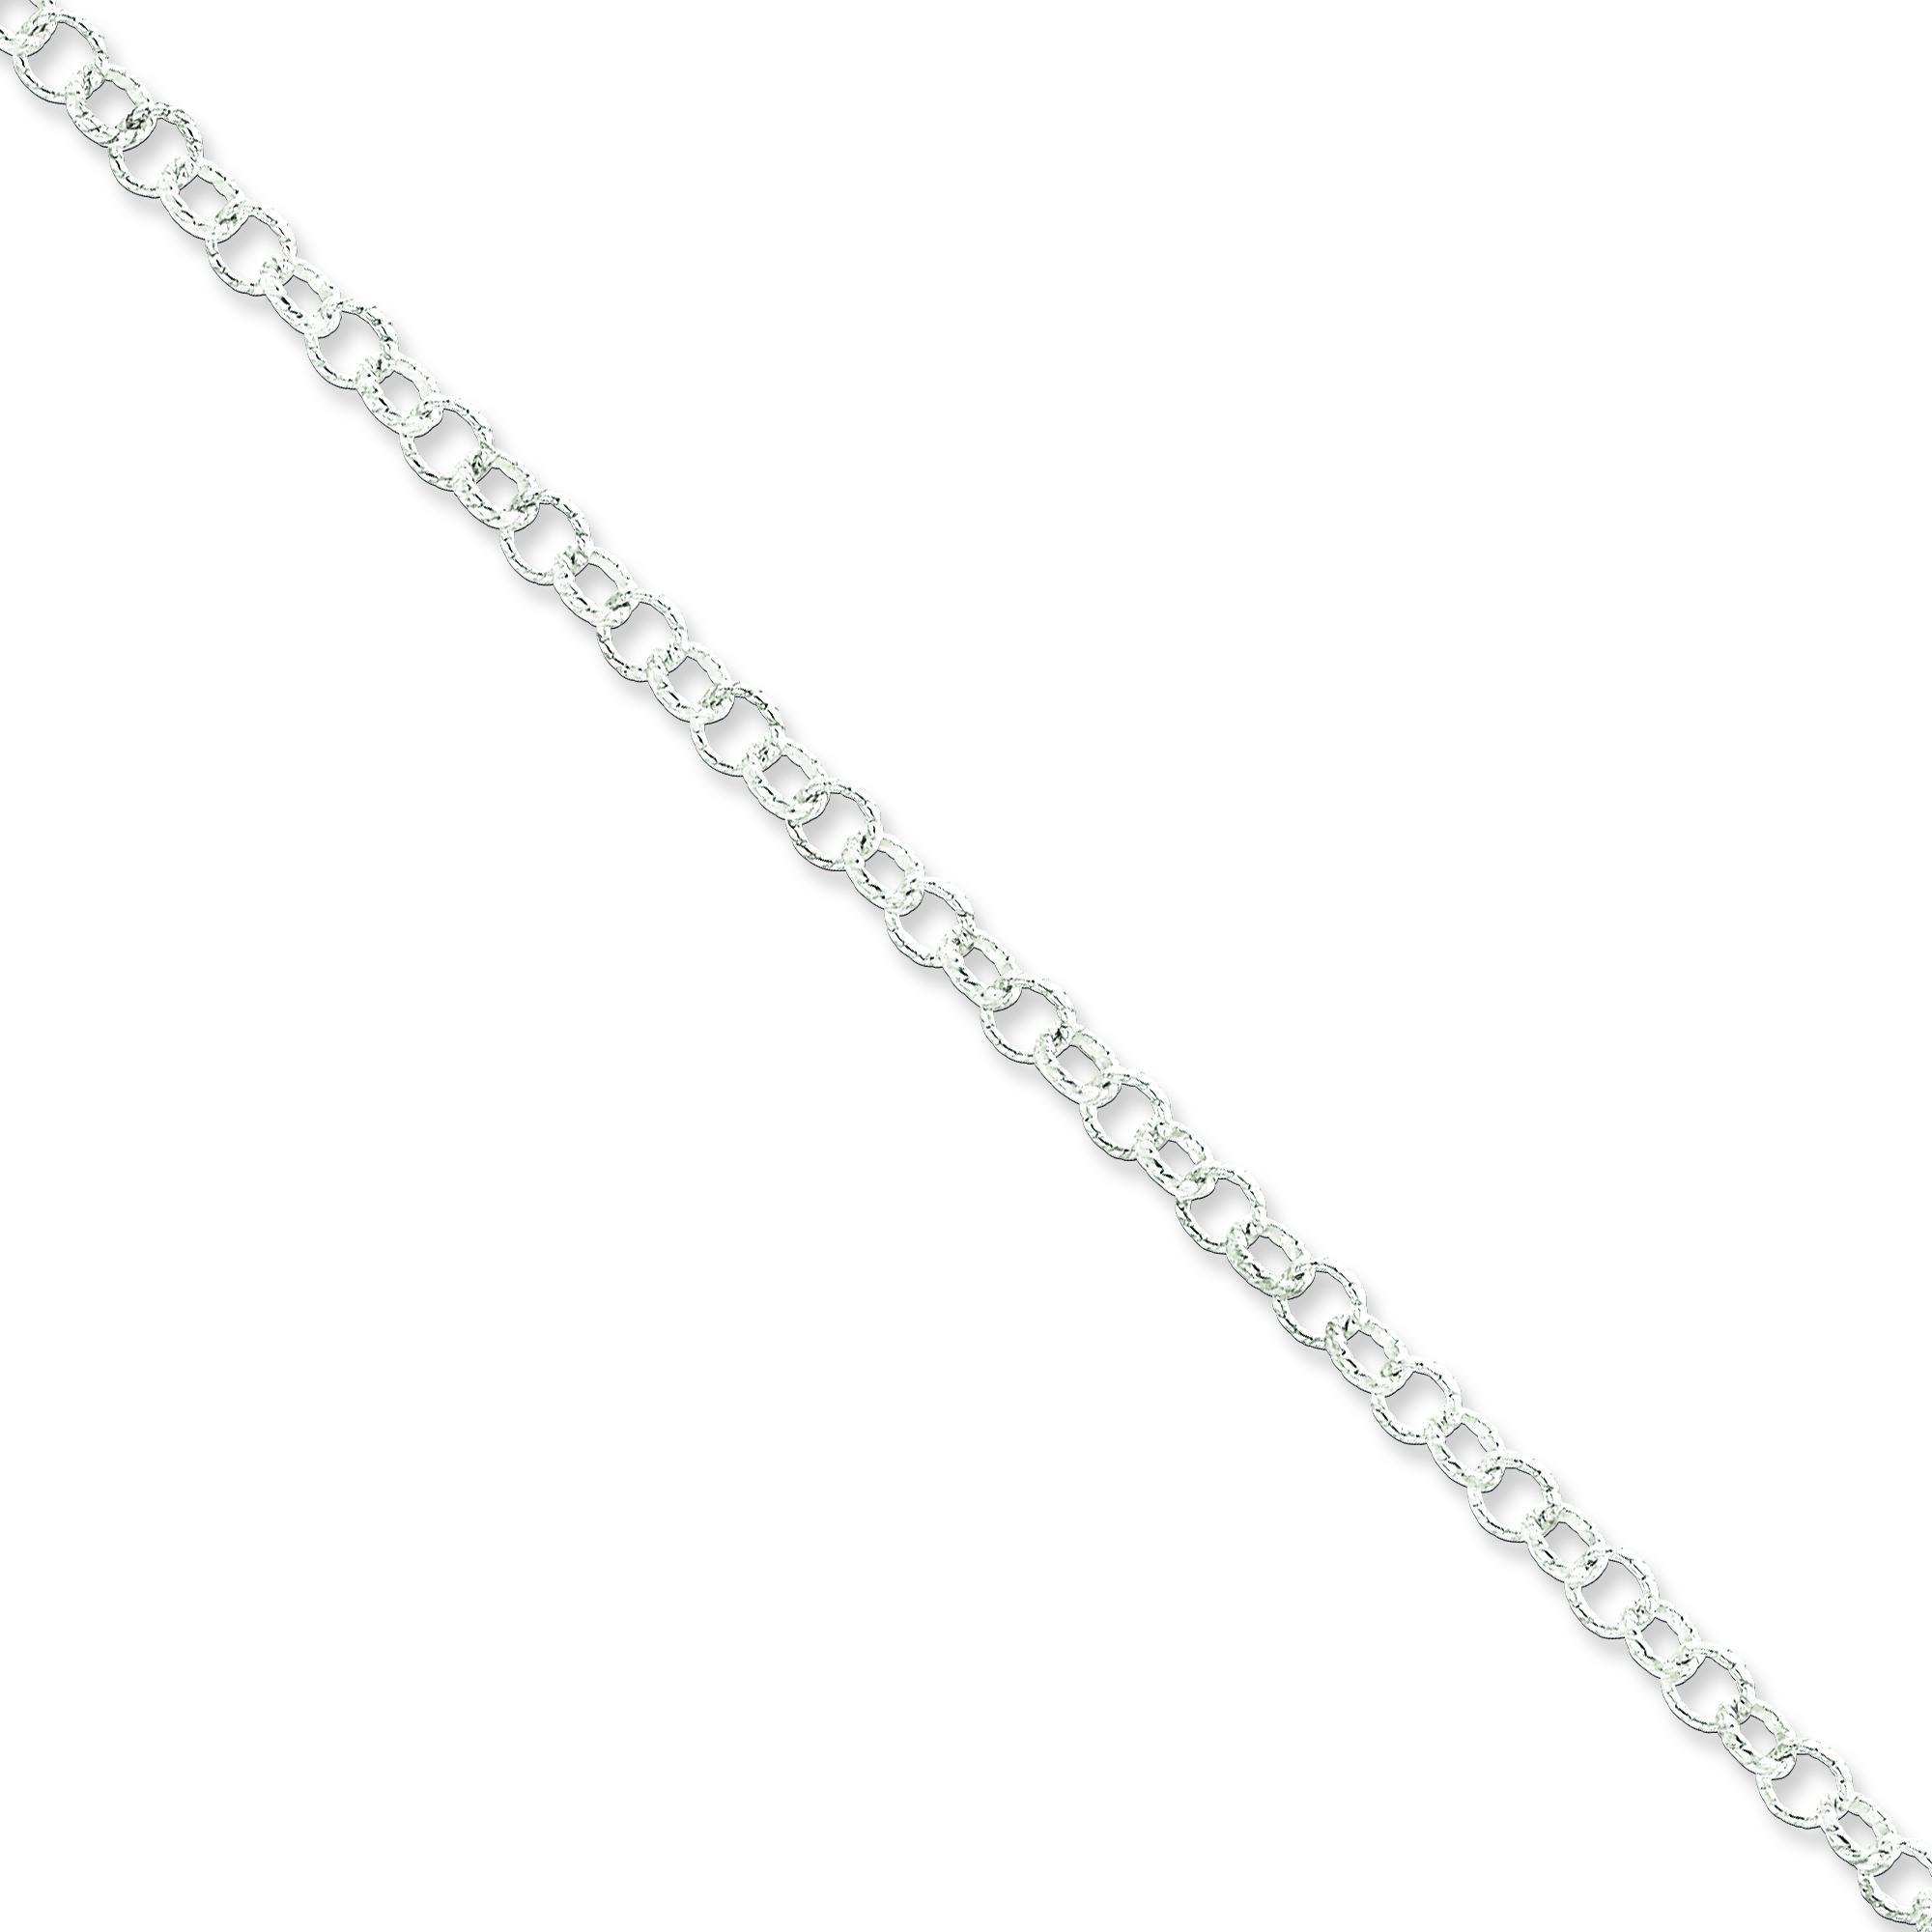 Sterling Silver 8 inch 4.75 mm Fancy Patterned Rolo Chain Bracelet